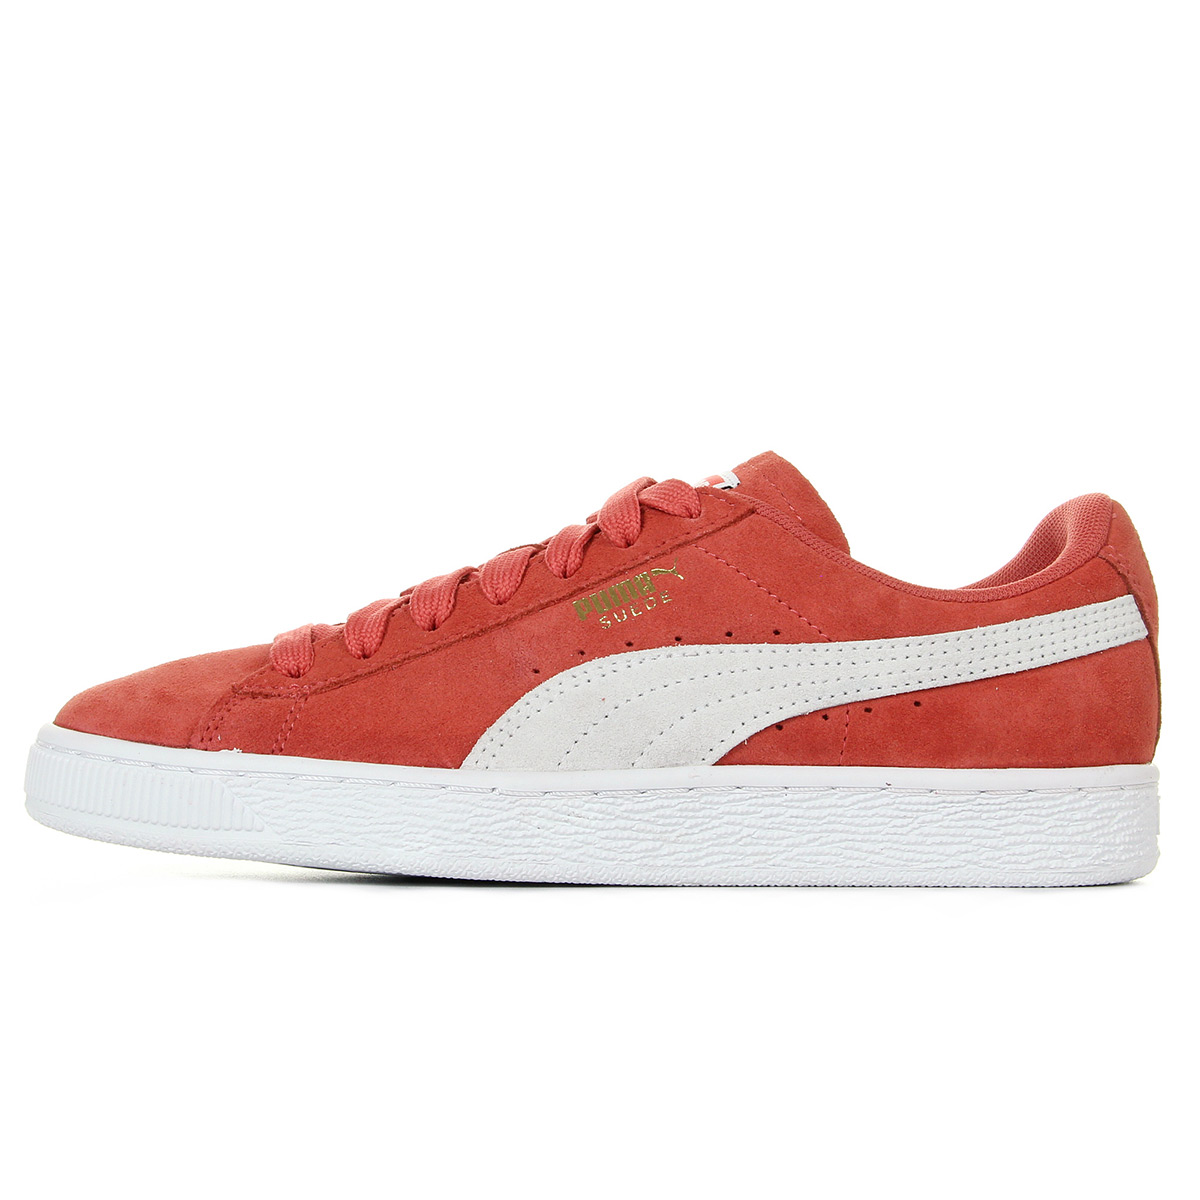 Puma Suede Classic W's 35546260, Baskets mode femme